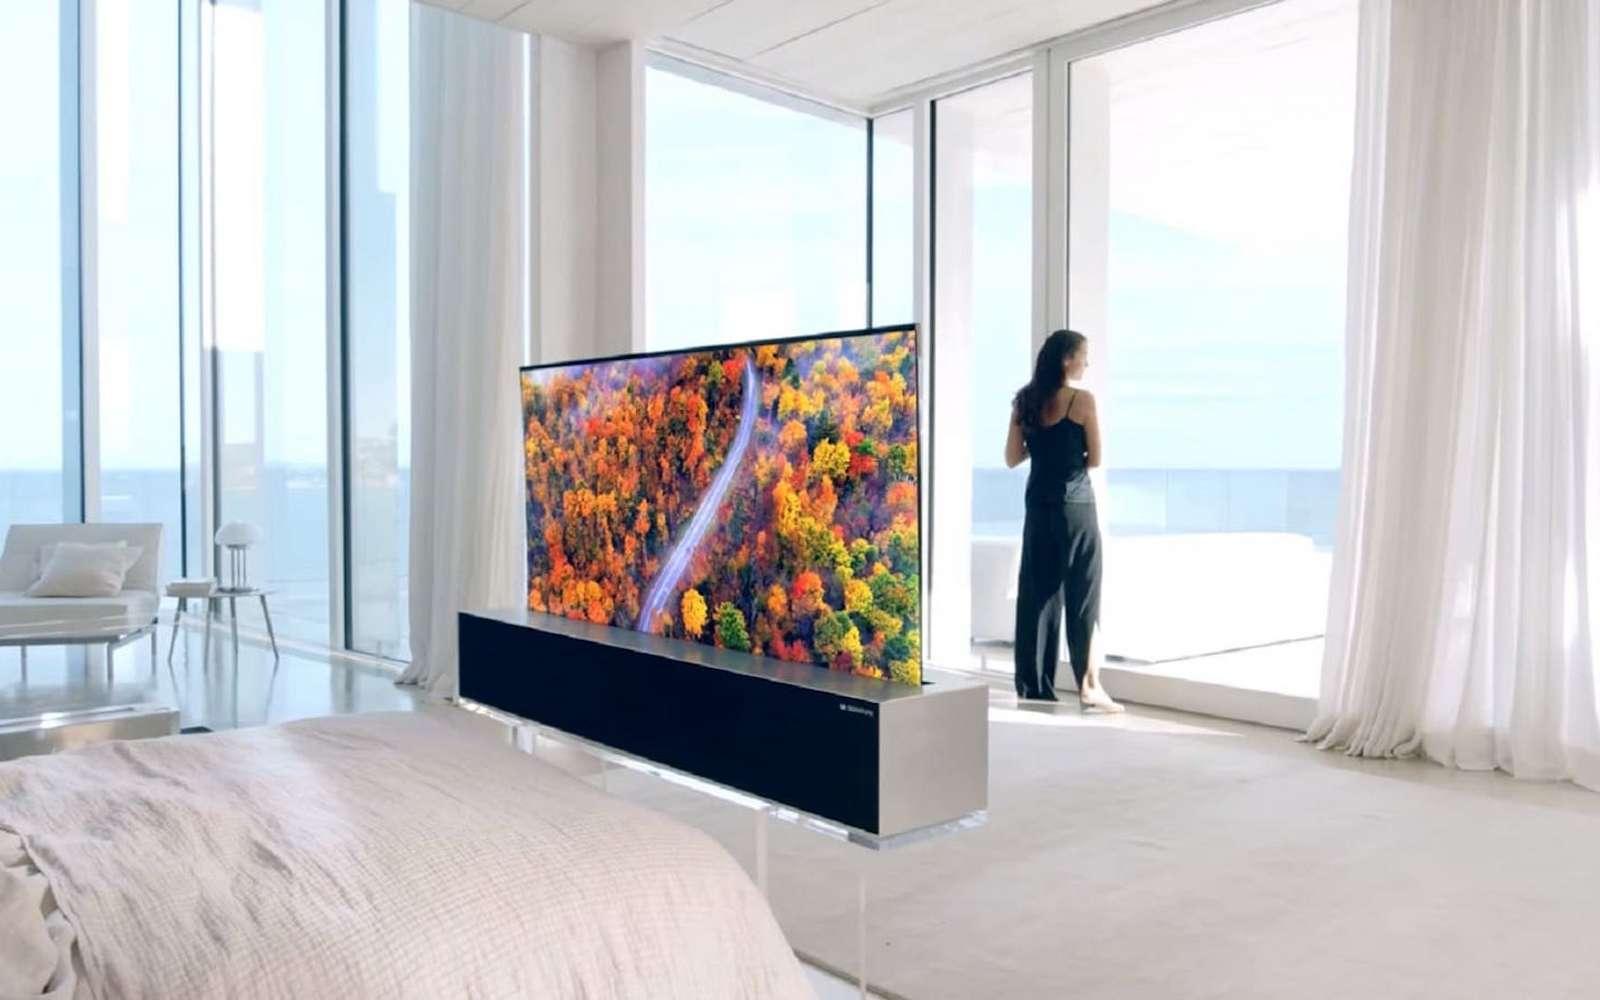 LG est actuellement le seul constructeur à maîtriser la fabrication des dalles Oled flexibles de grande taille pour les téléviseurs. © LG